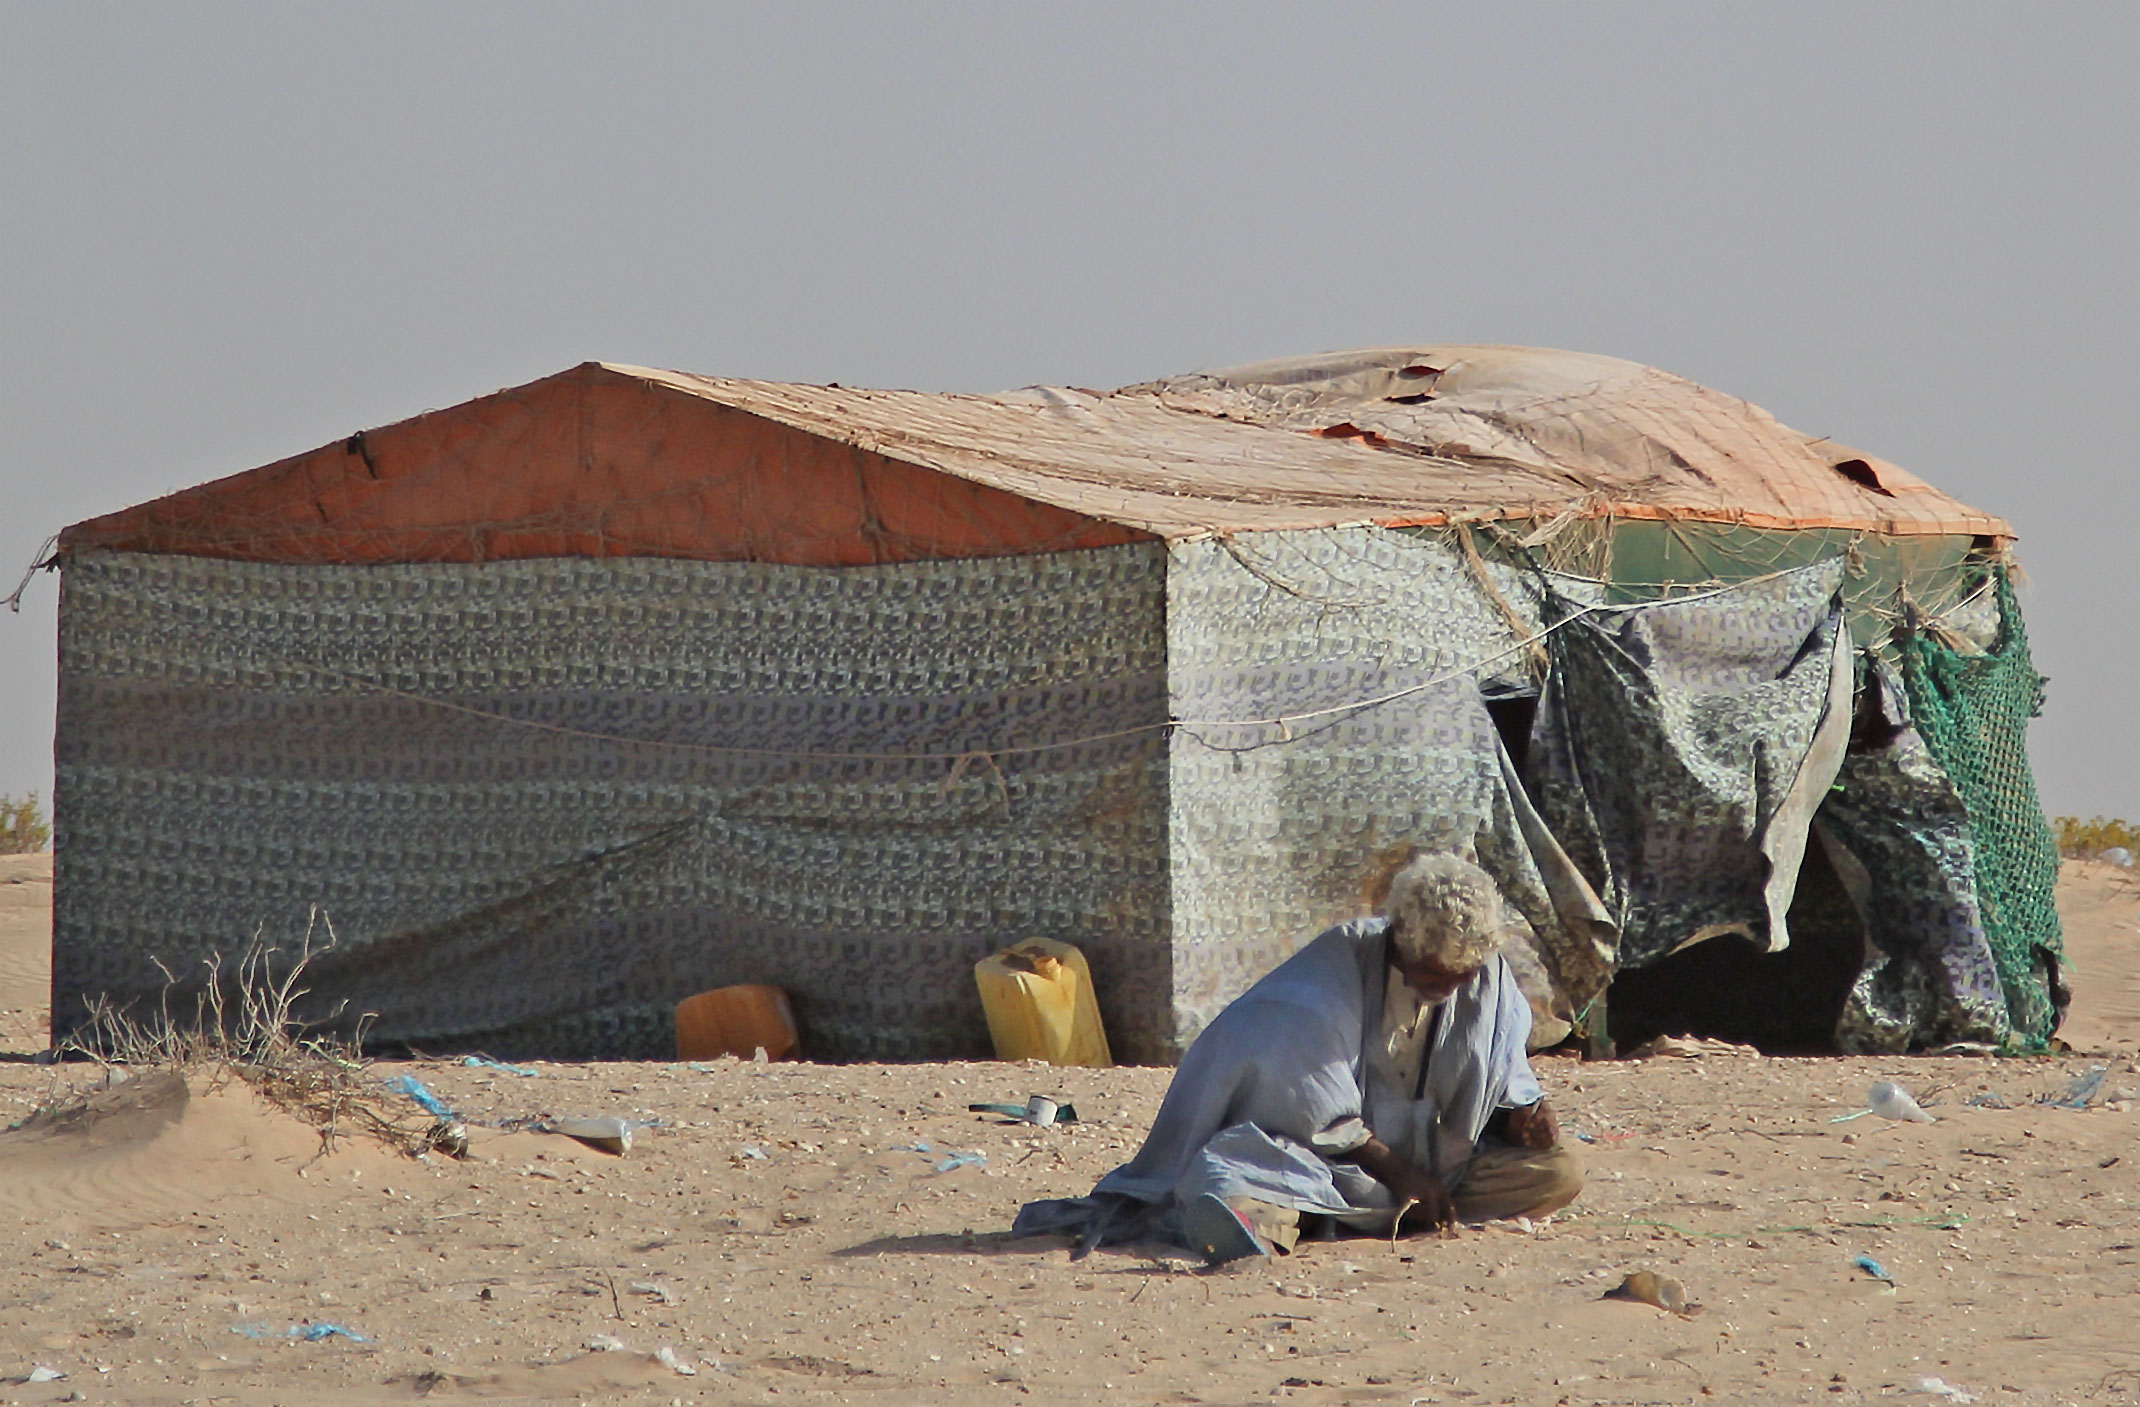 Mauretania.Mieszkaniej wioski nad Oceanem Atlantyckim przed swoim domem.